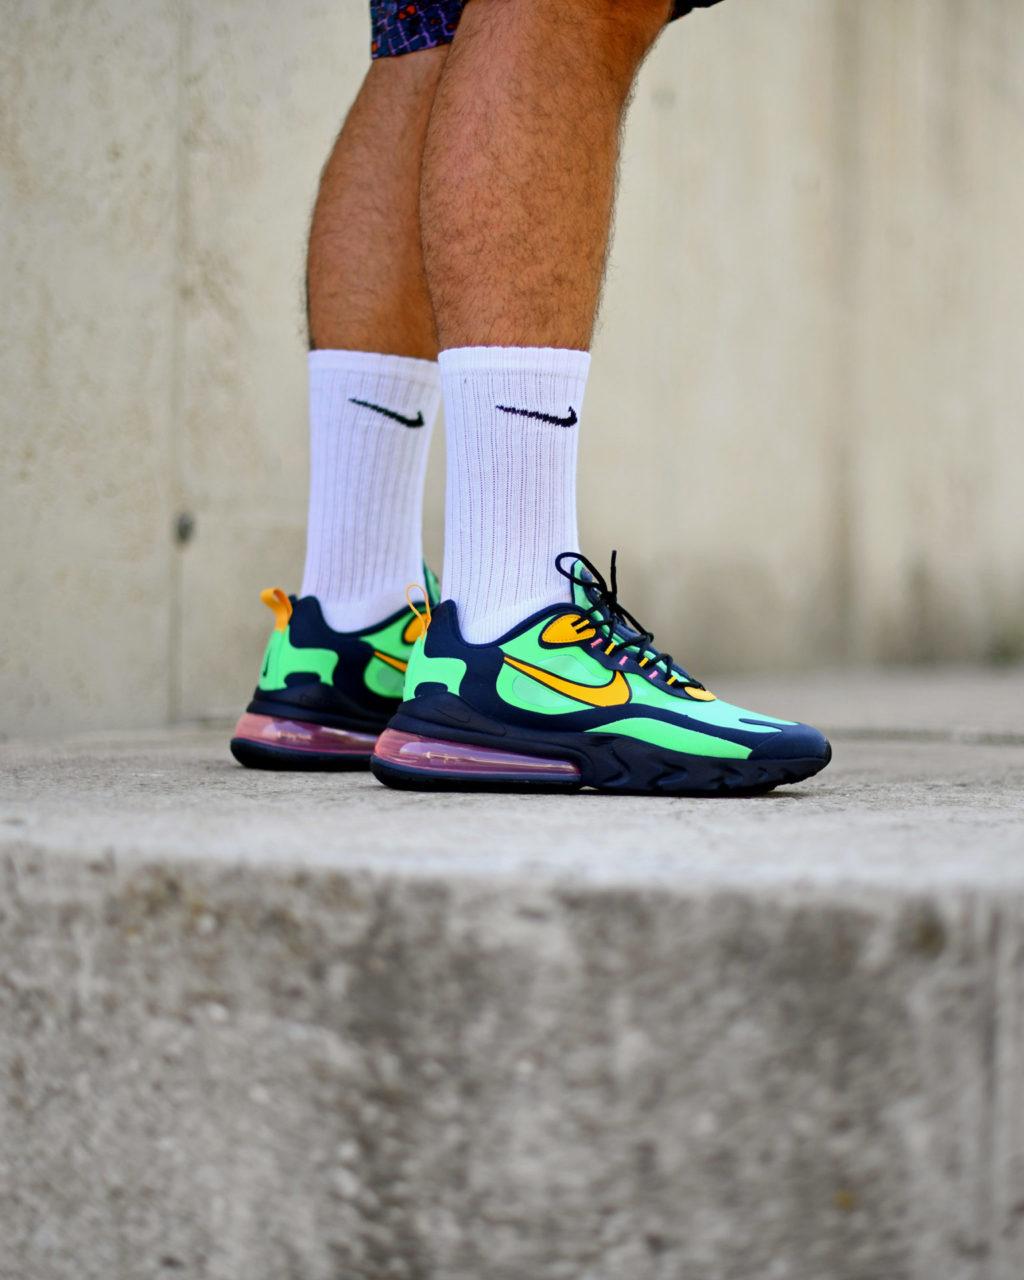 representación preferible Remo  Nike Air Max 270 React Pop Art - Sneakers.fr